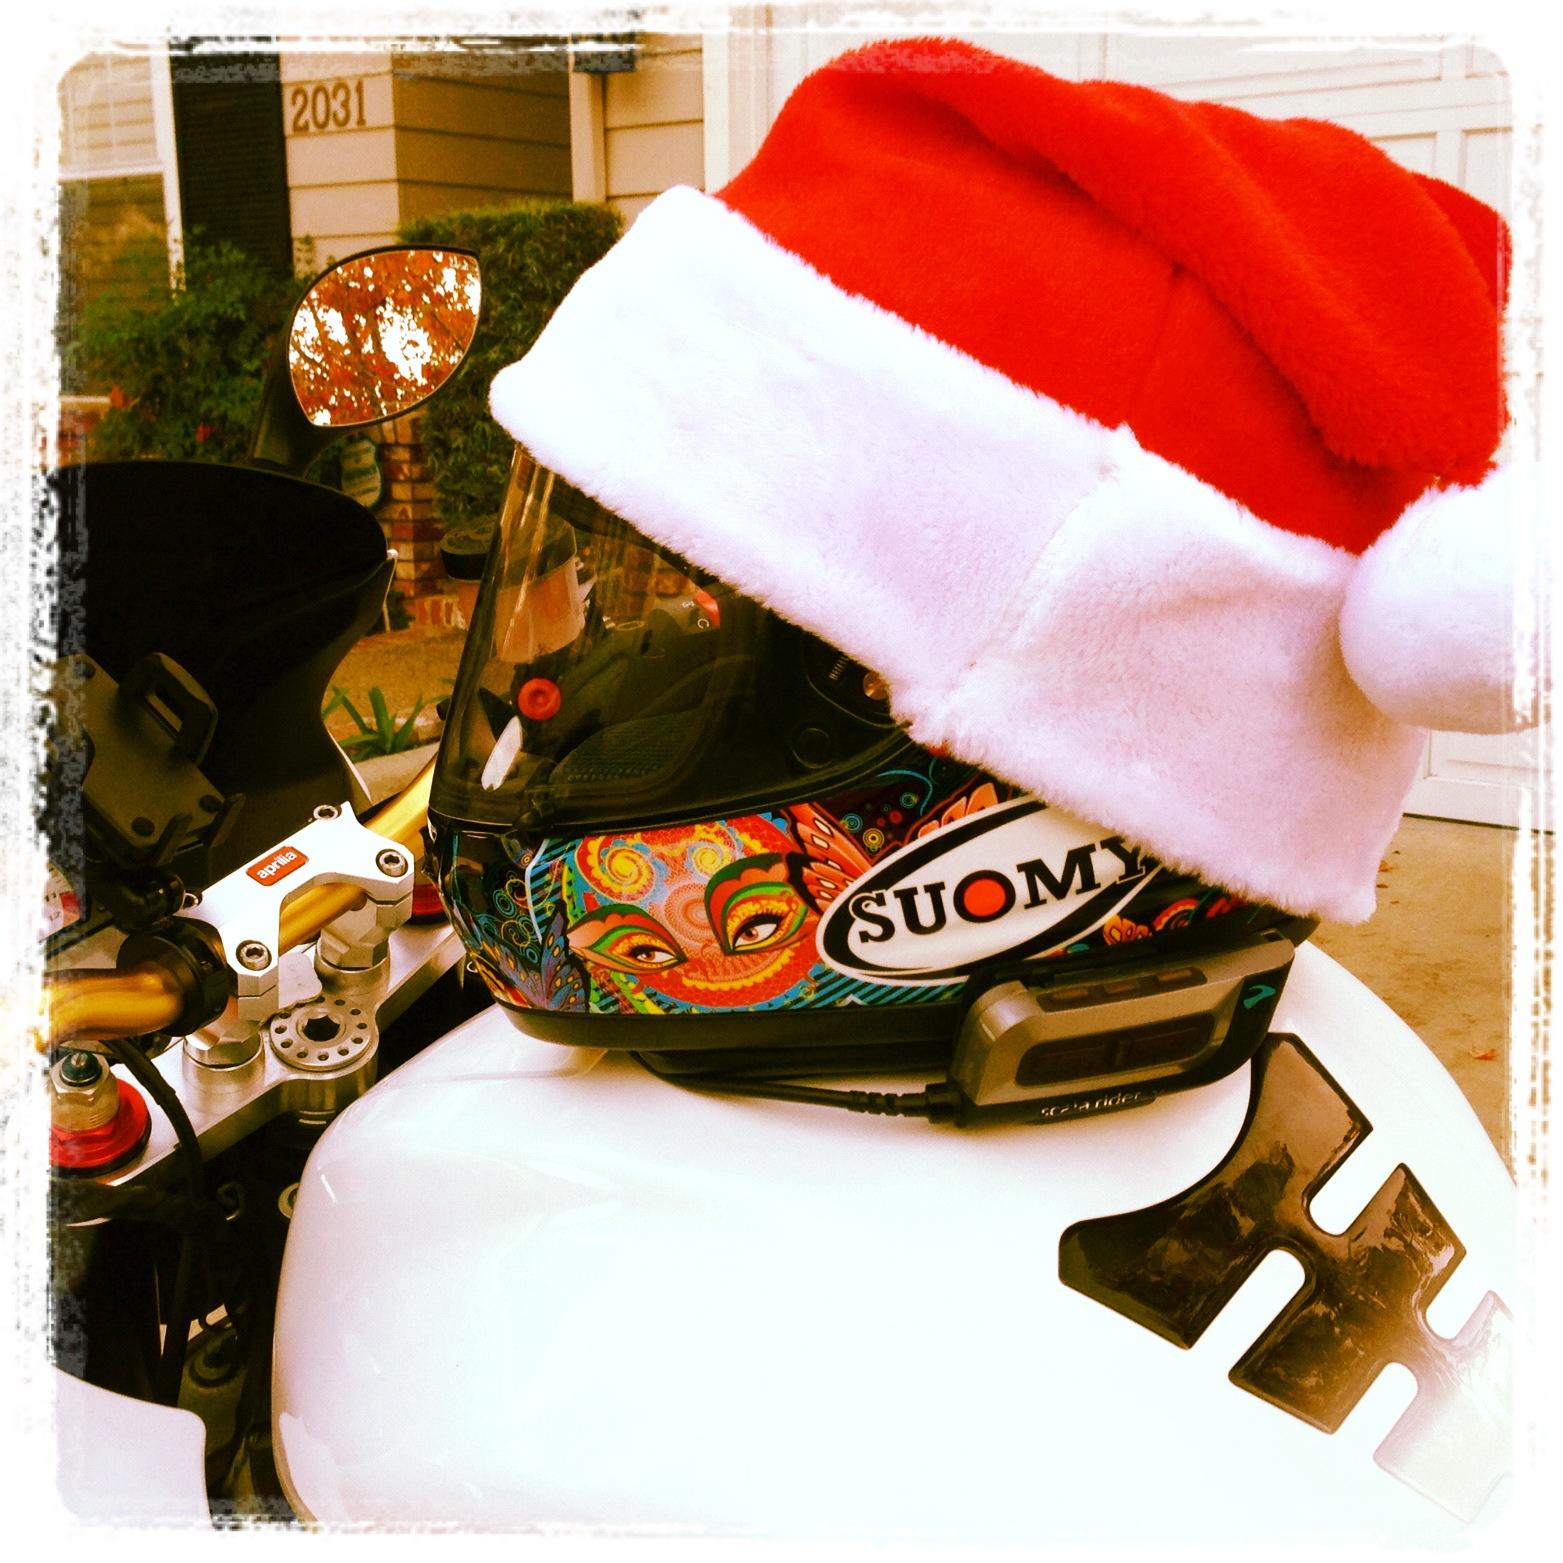 Motorcycle Helmet Santa Hat